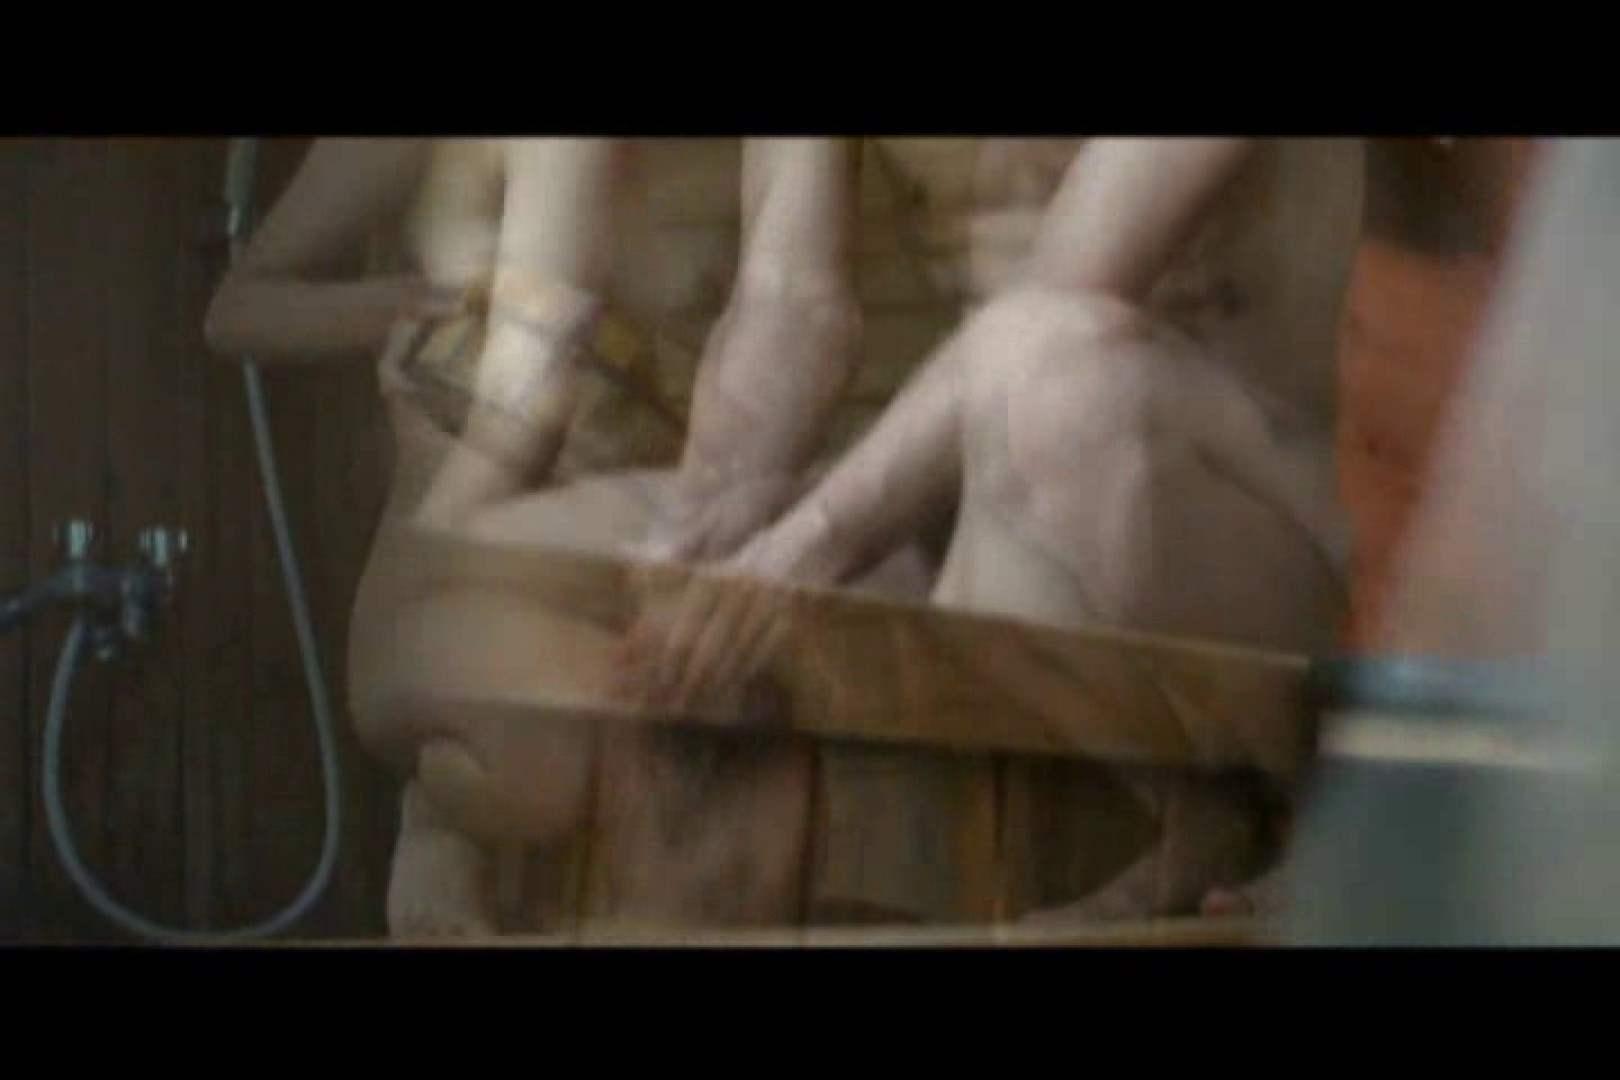 貸切露天 発情カップル! vol.01 露天風呂の女子達  103画像 30